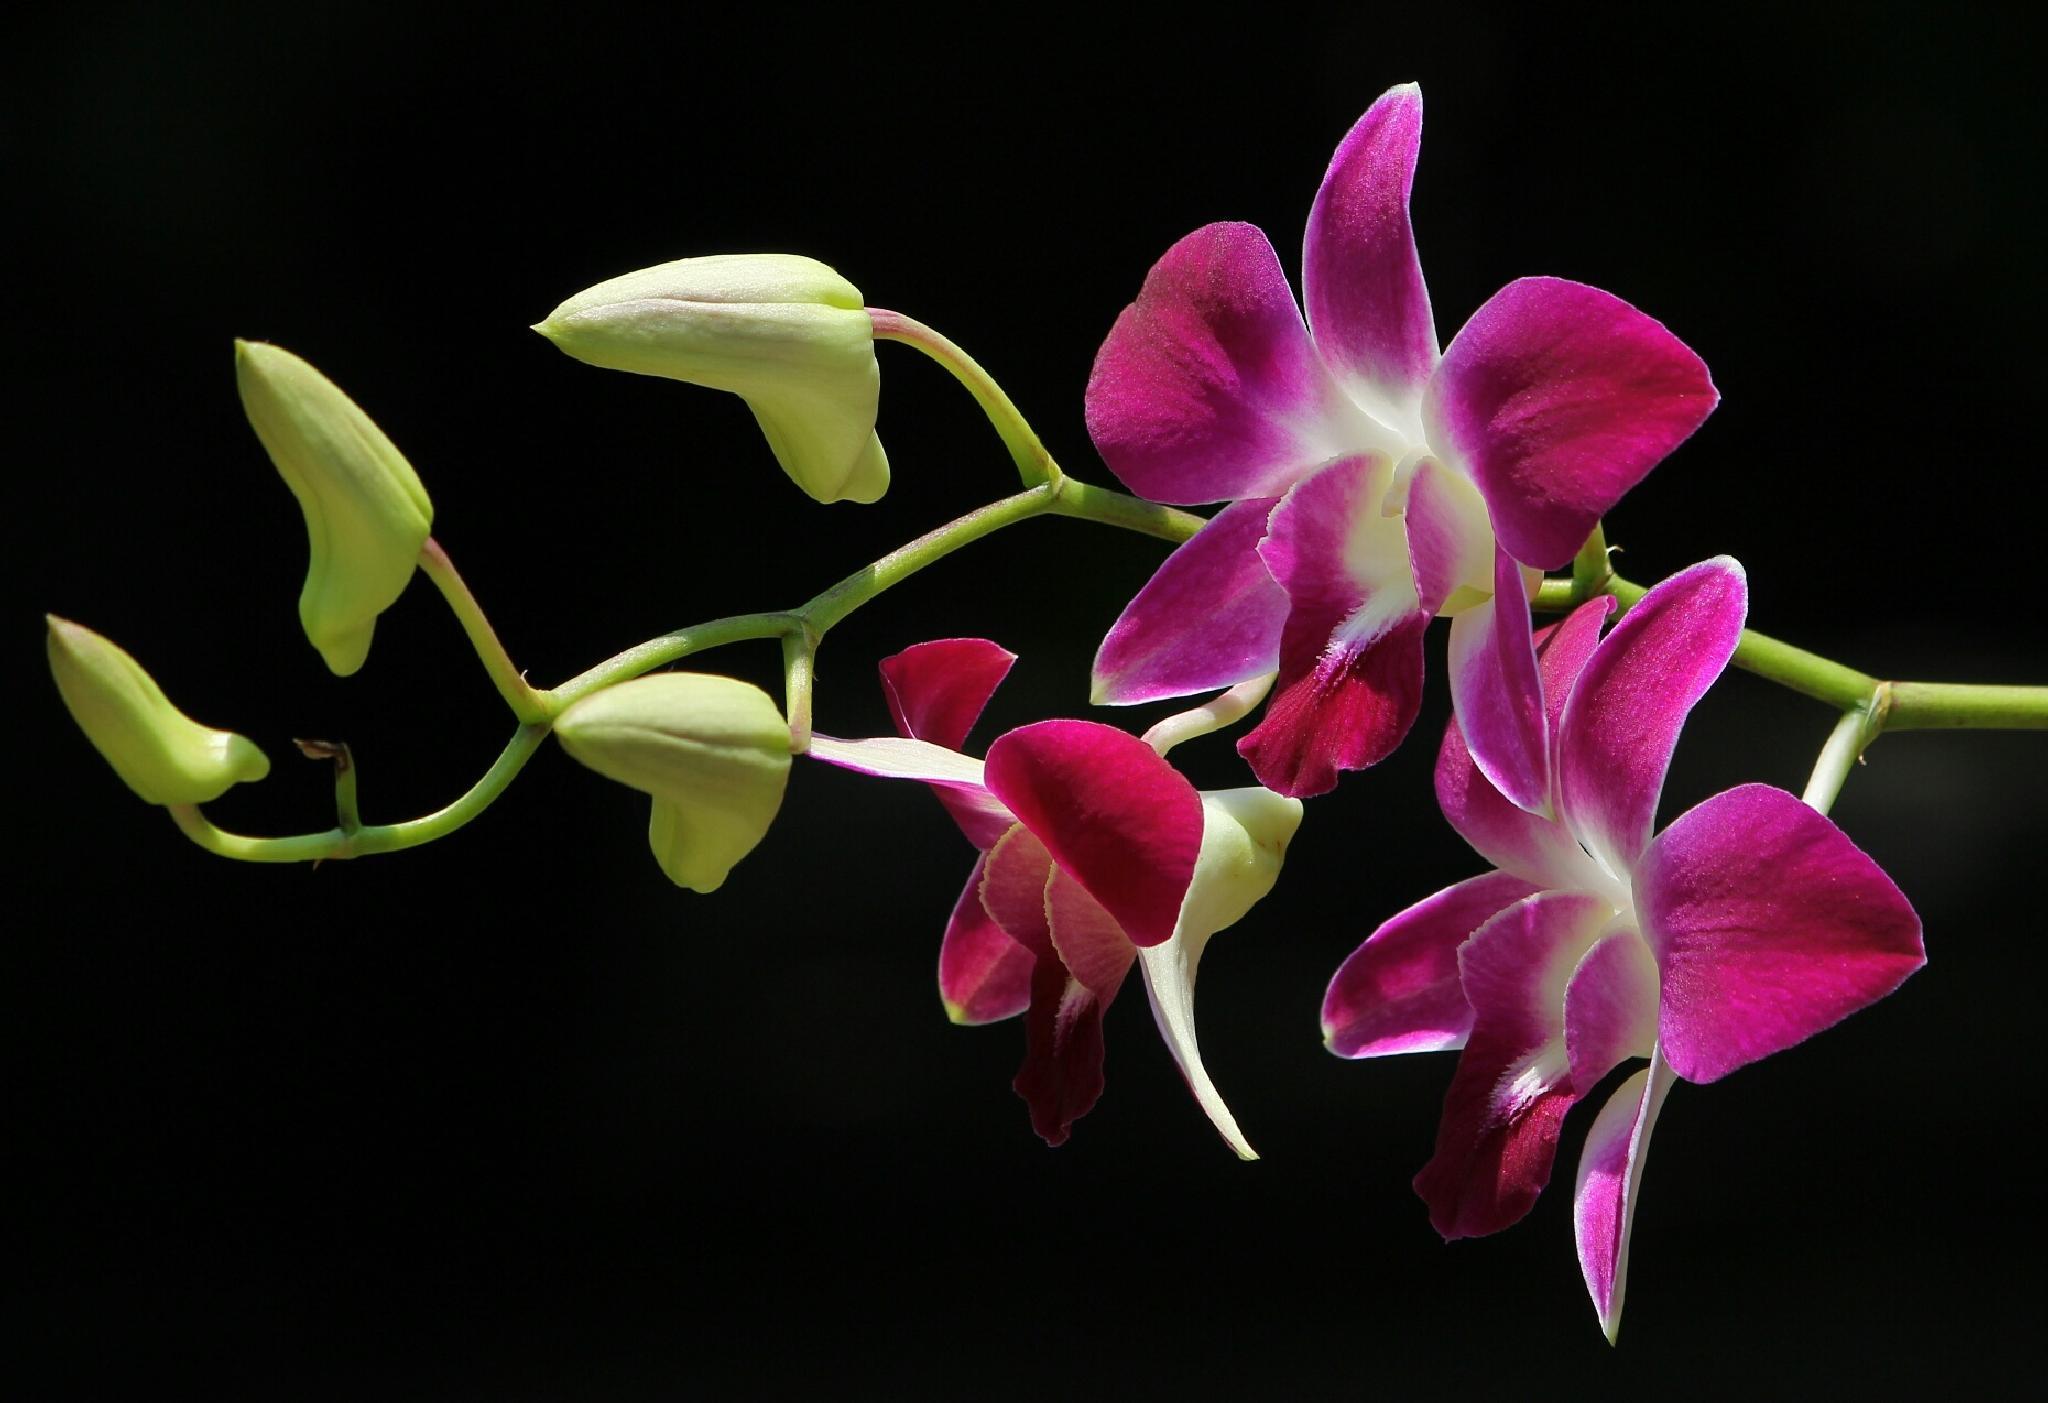 flower by Saefull.Regina